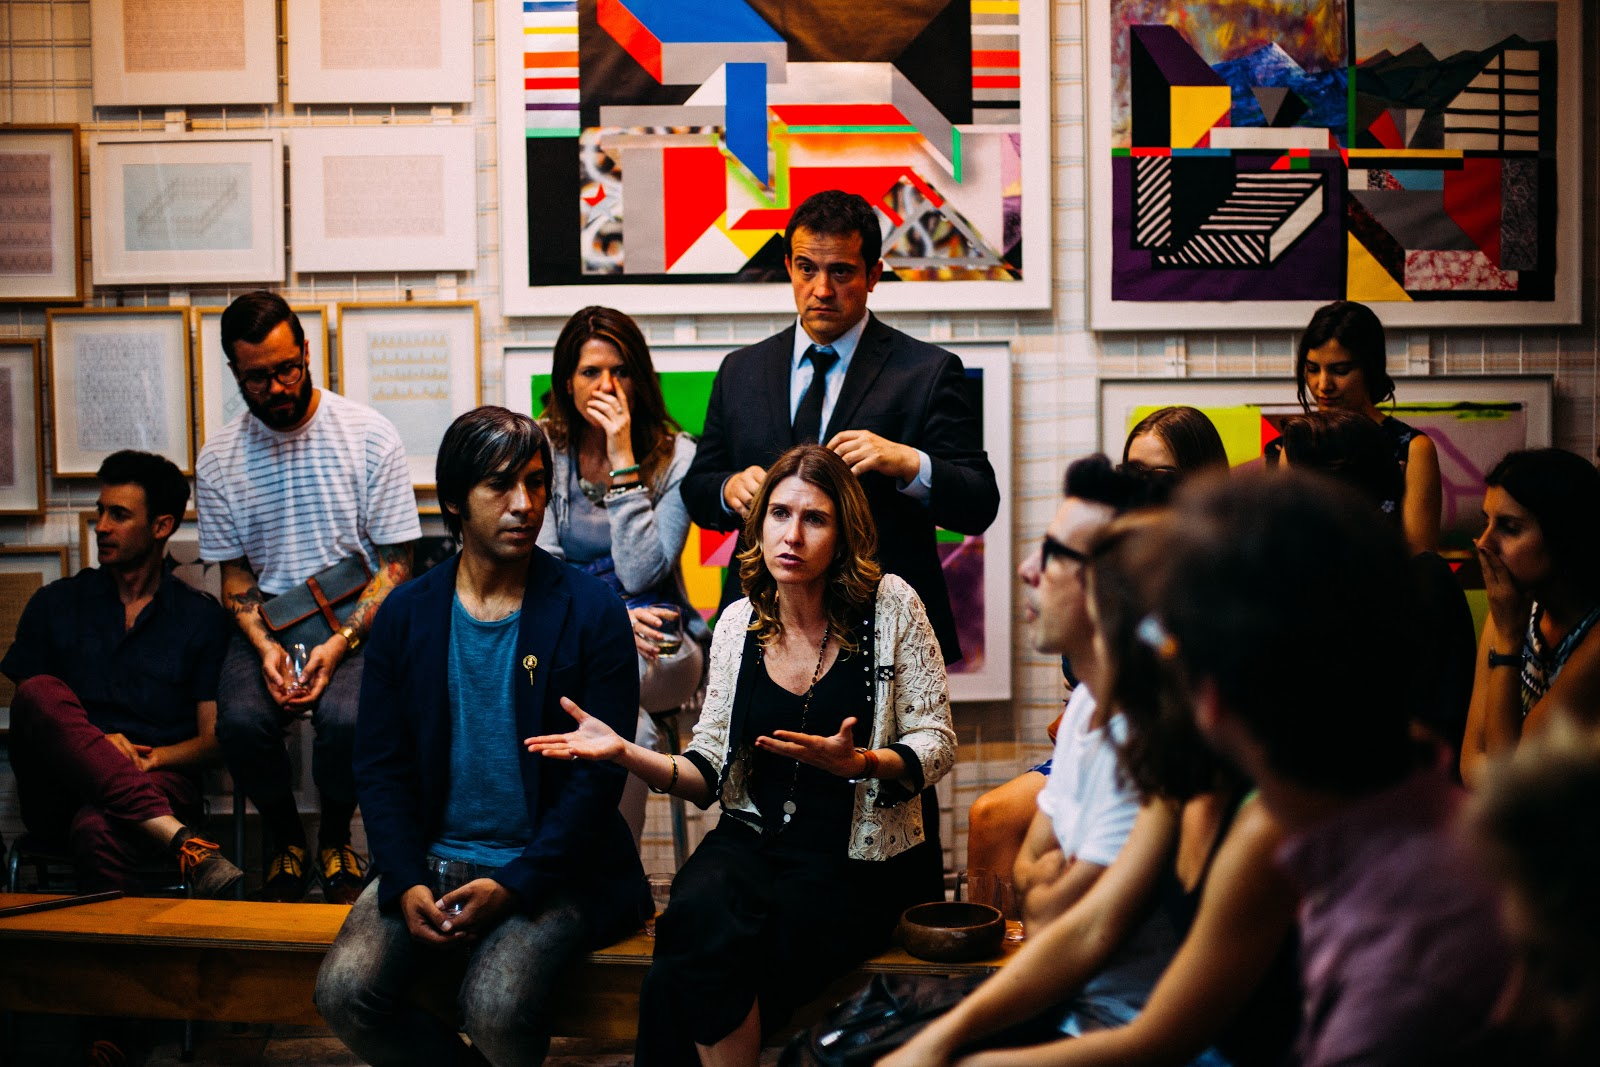 Várias pessoas conversando em uma sala.